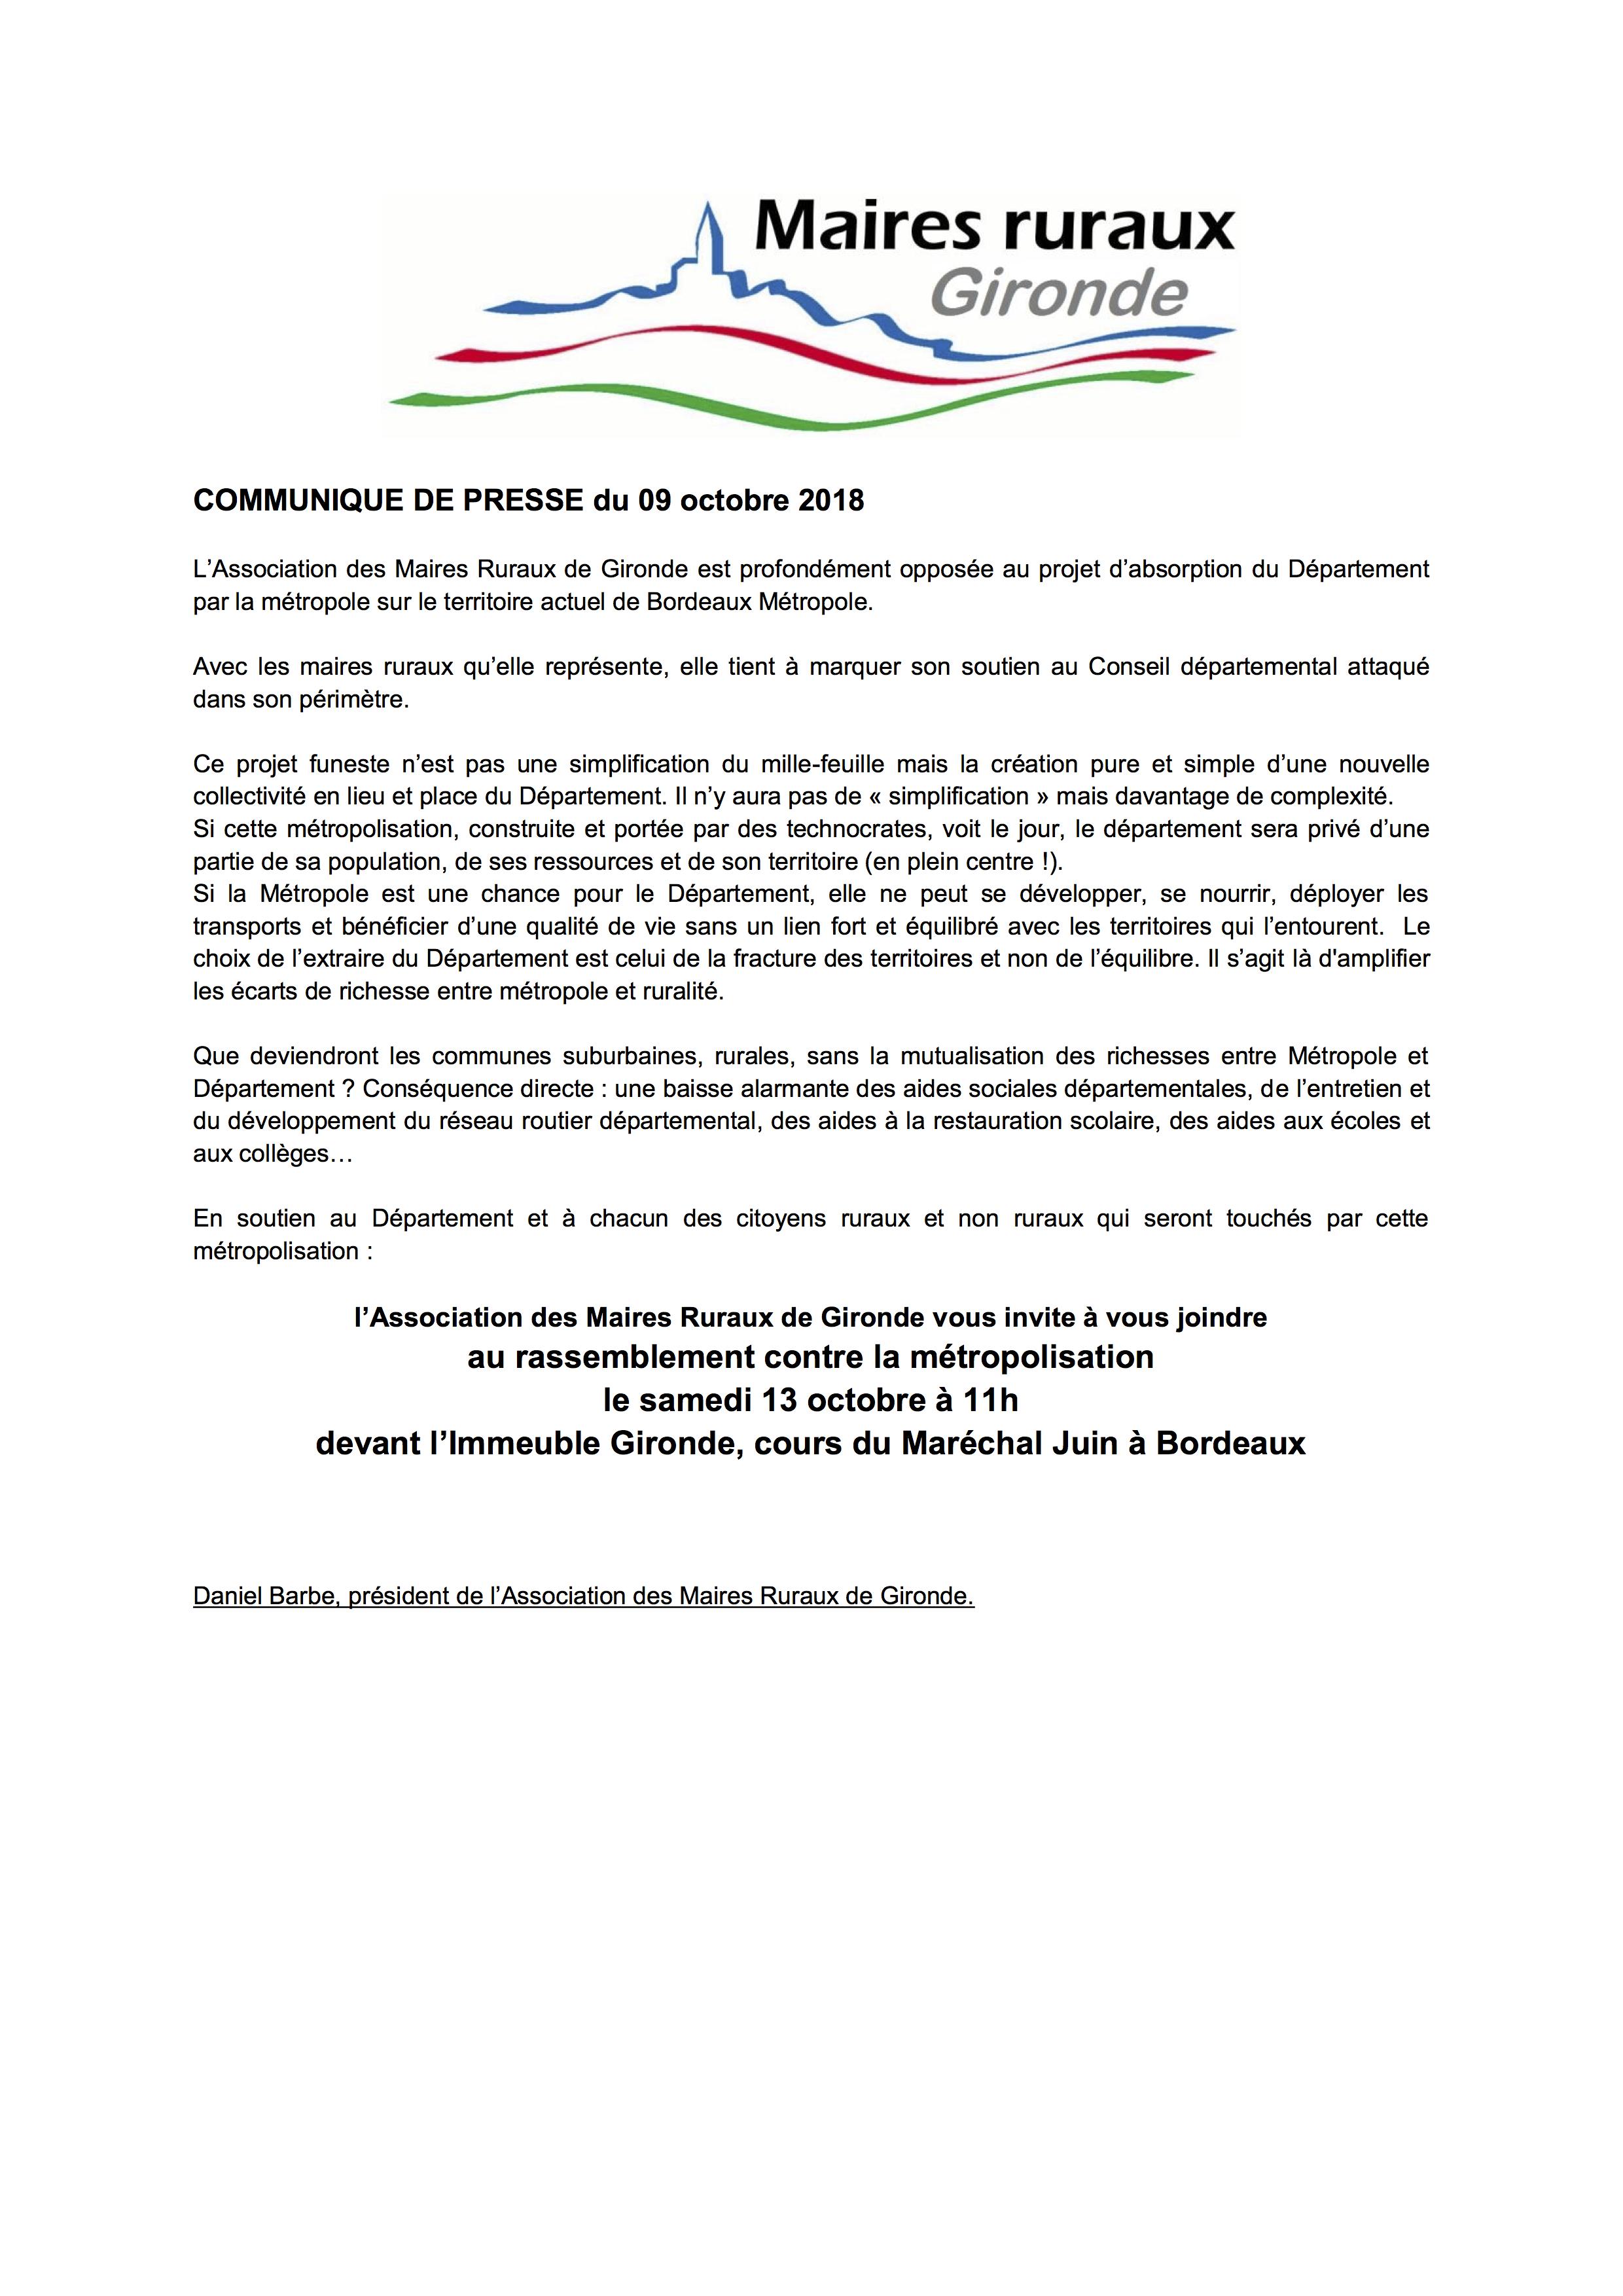 communique-presse-association-des-maires-ruraux-de-gironde-amr33-09-10-18